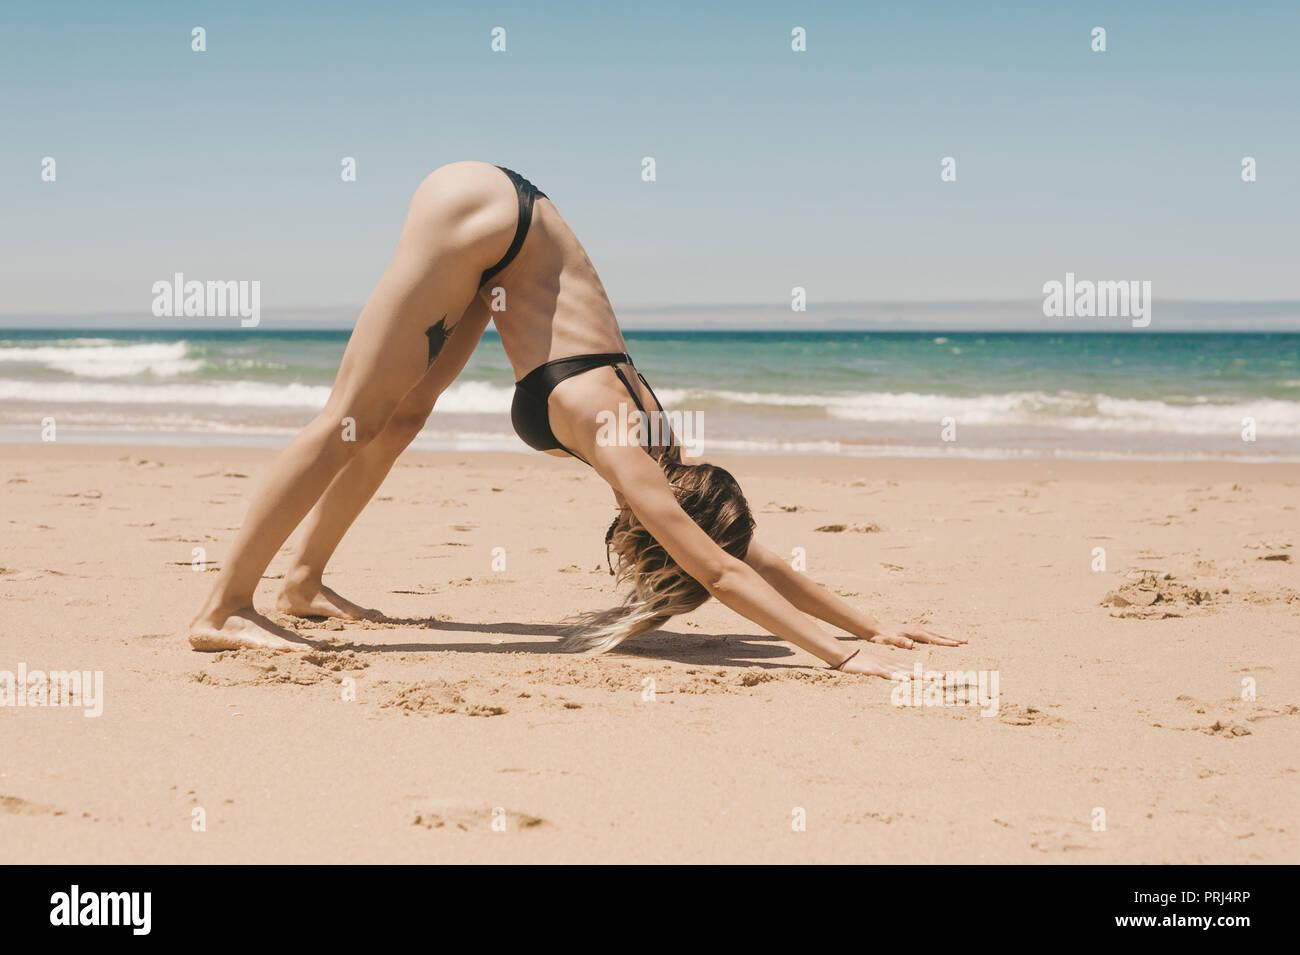 Seitenansicht der jungen Frau in den nach unten schauenden Hund Üben Yoga pose am Sandstrand Stockbild